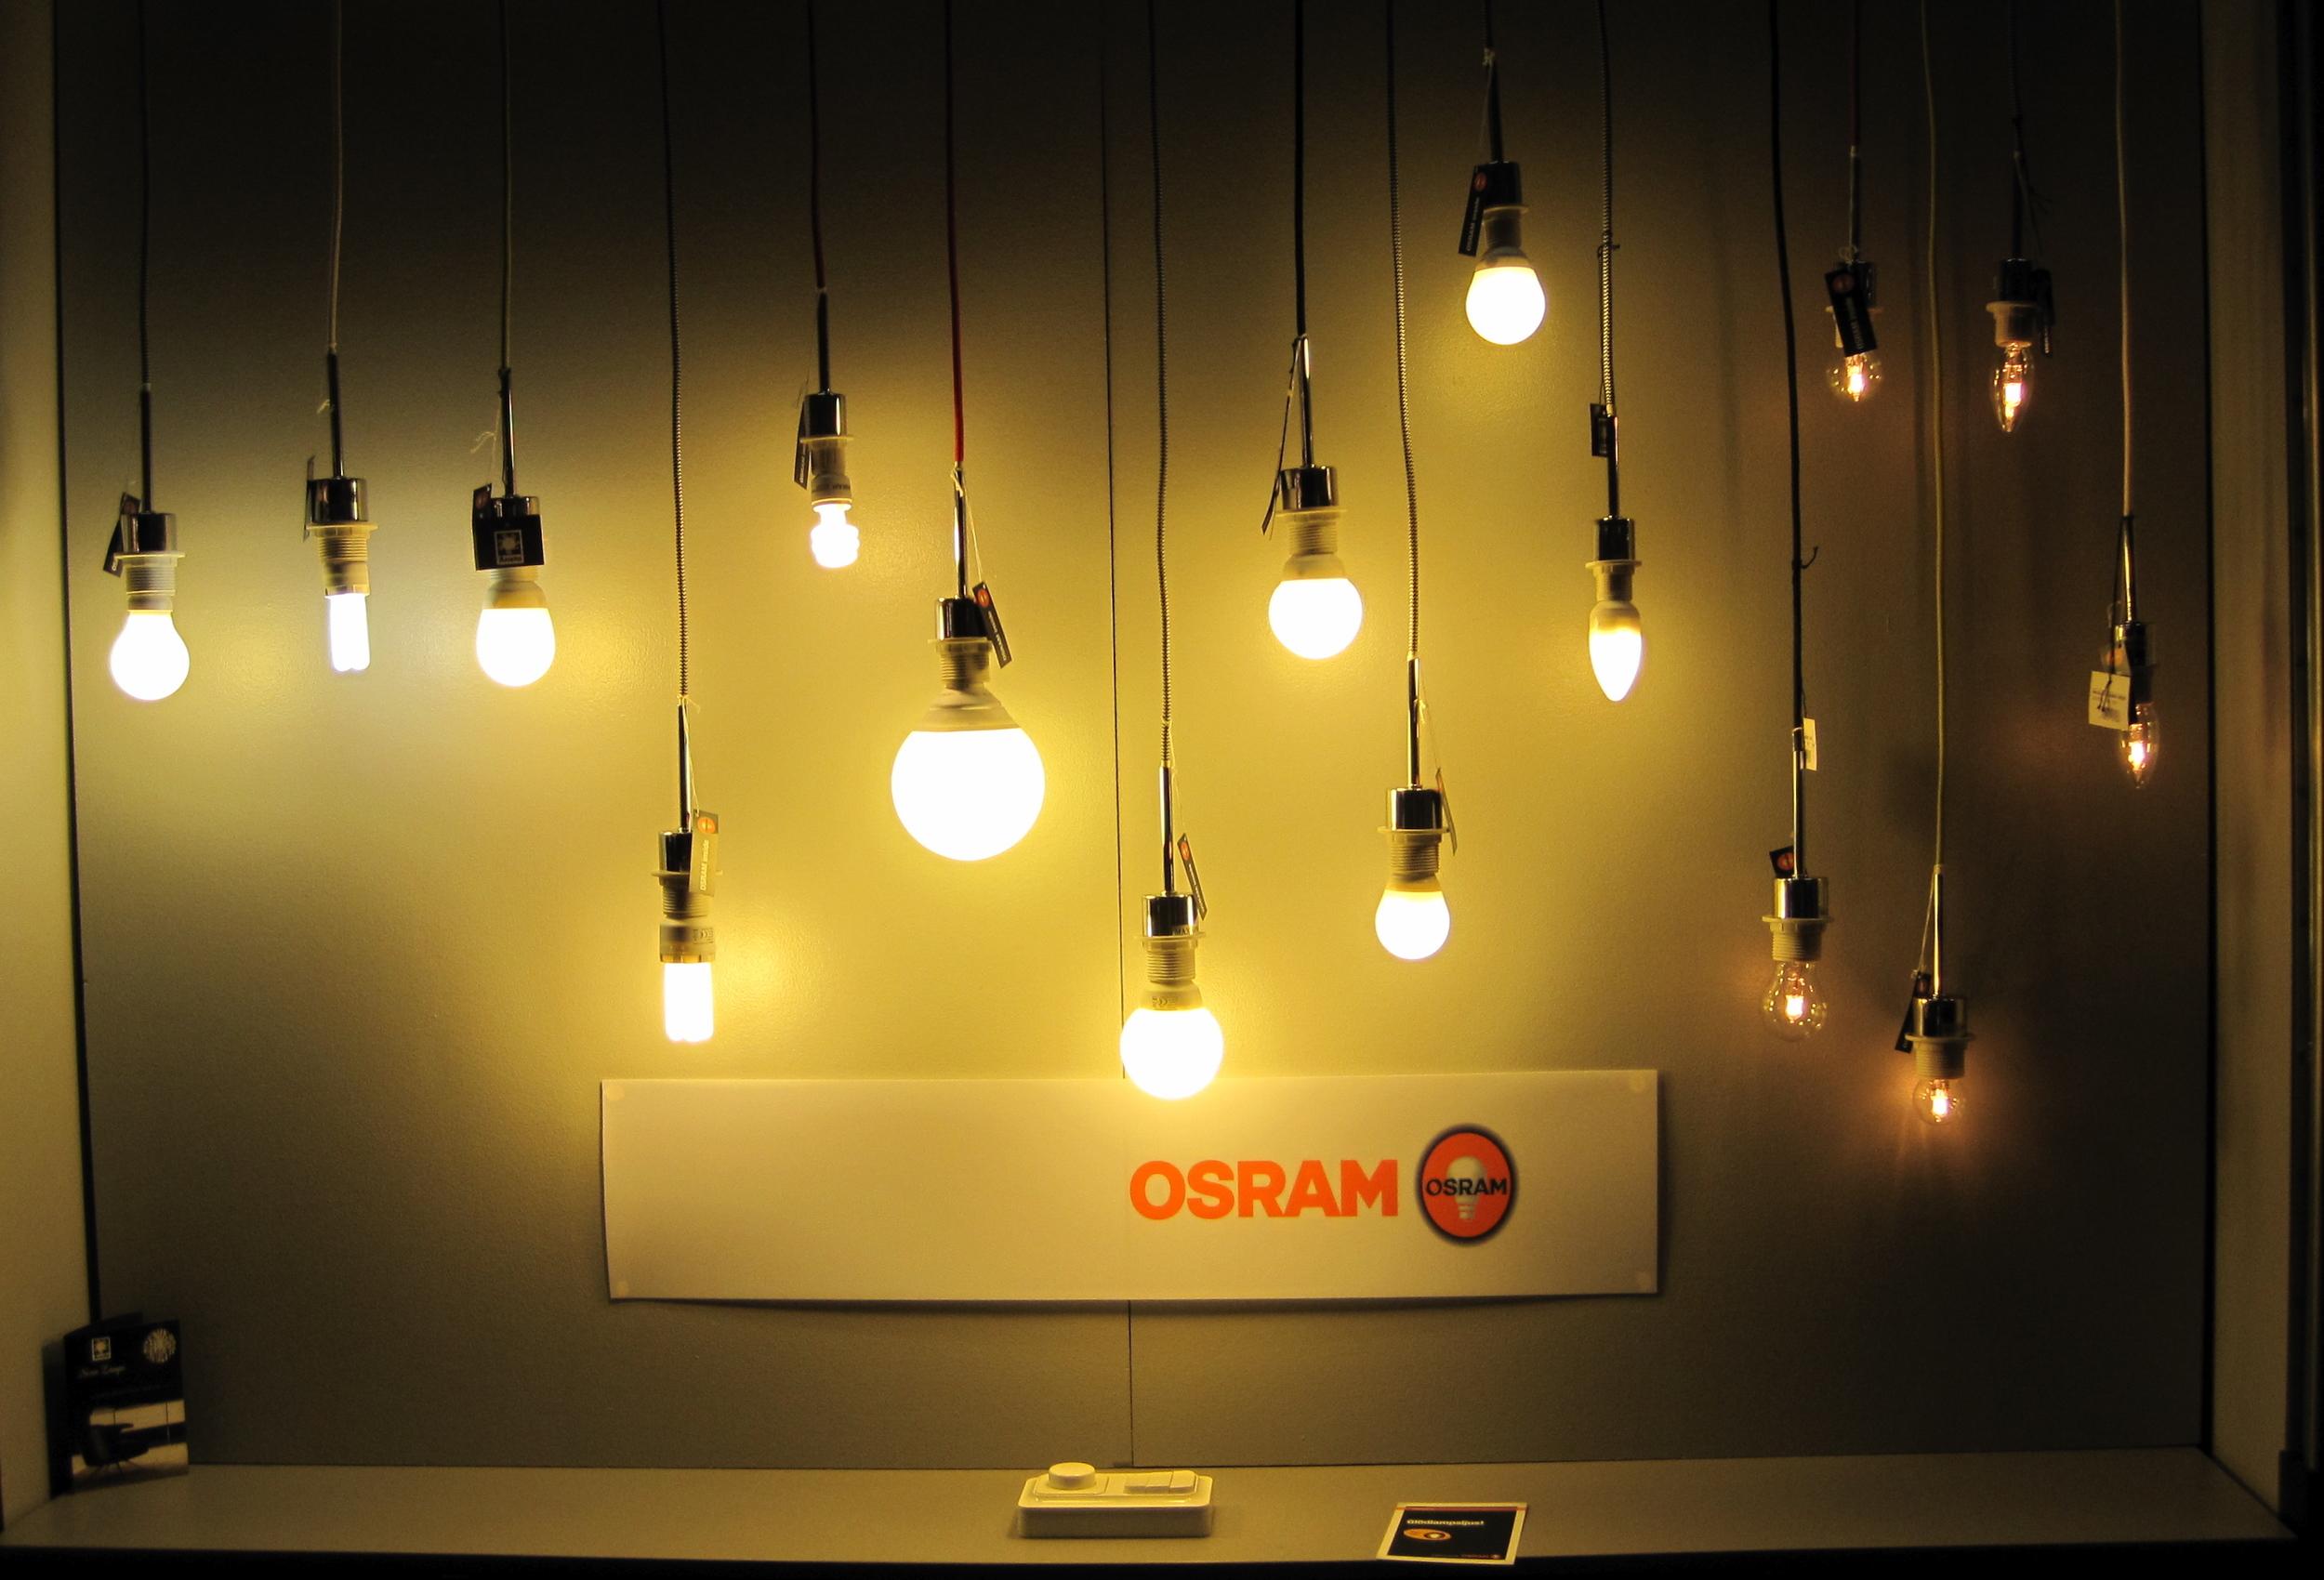 osram-lamps